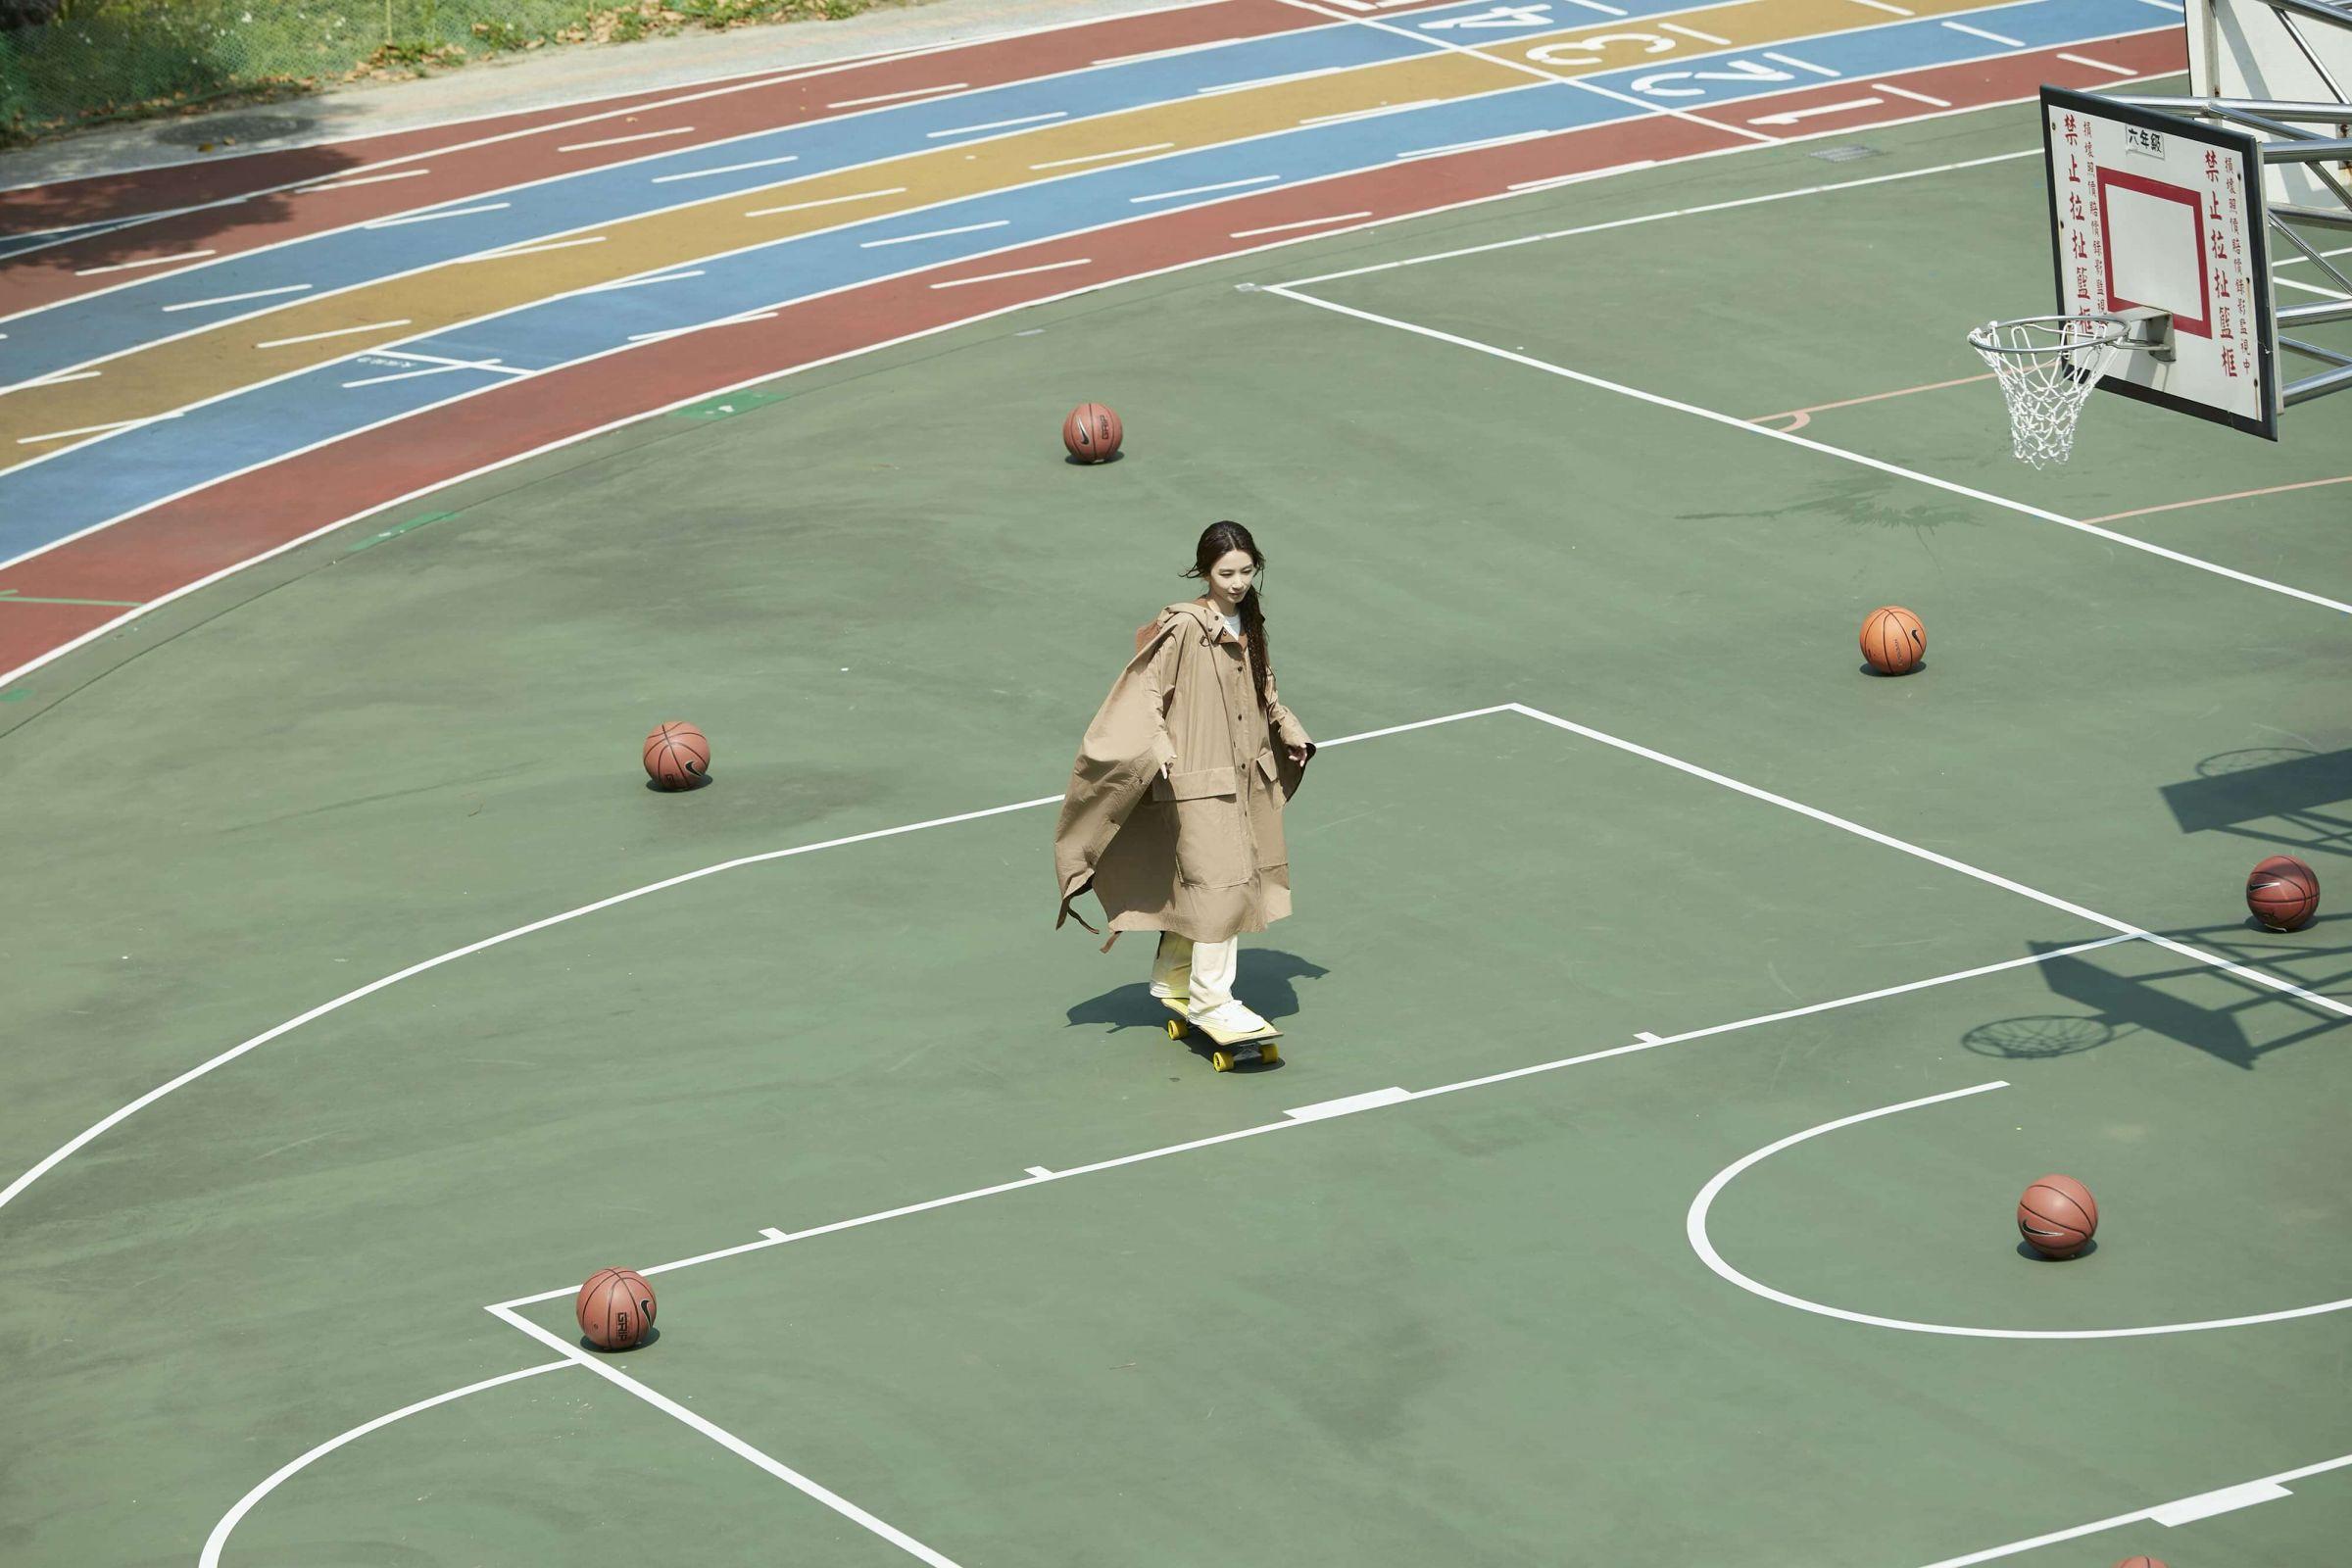 田馥甄「重拾滑板妹」西門町開滑:現在惜肉如金很怕跌!